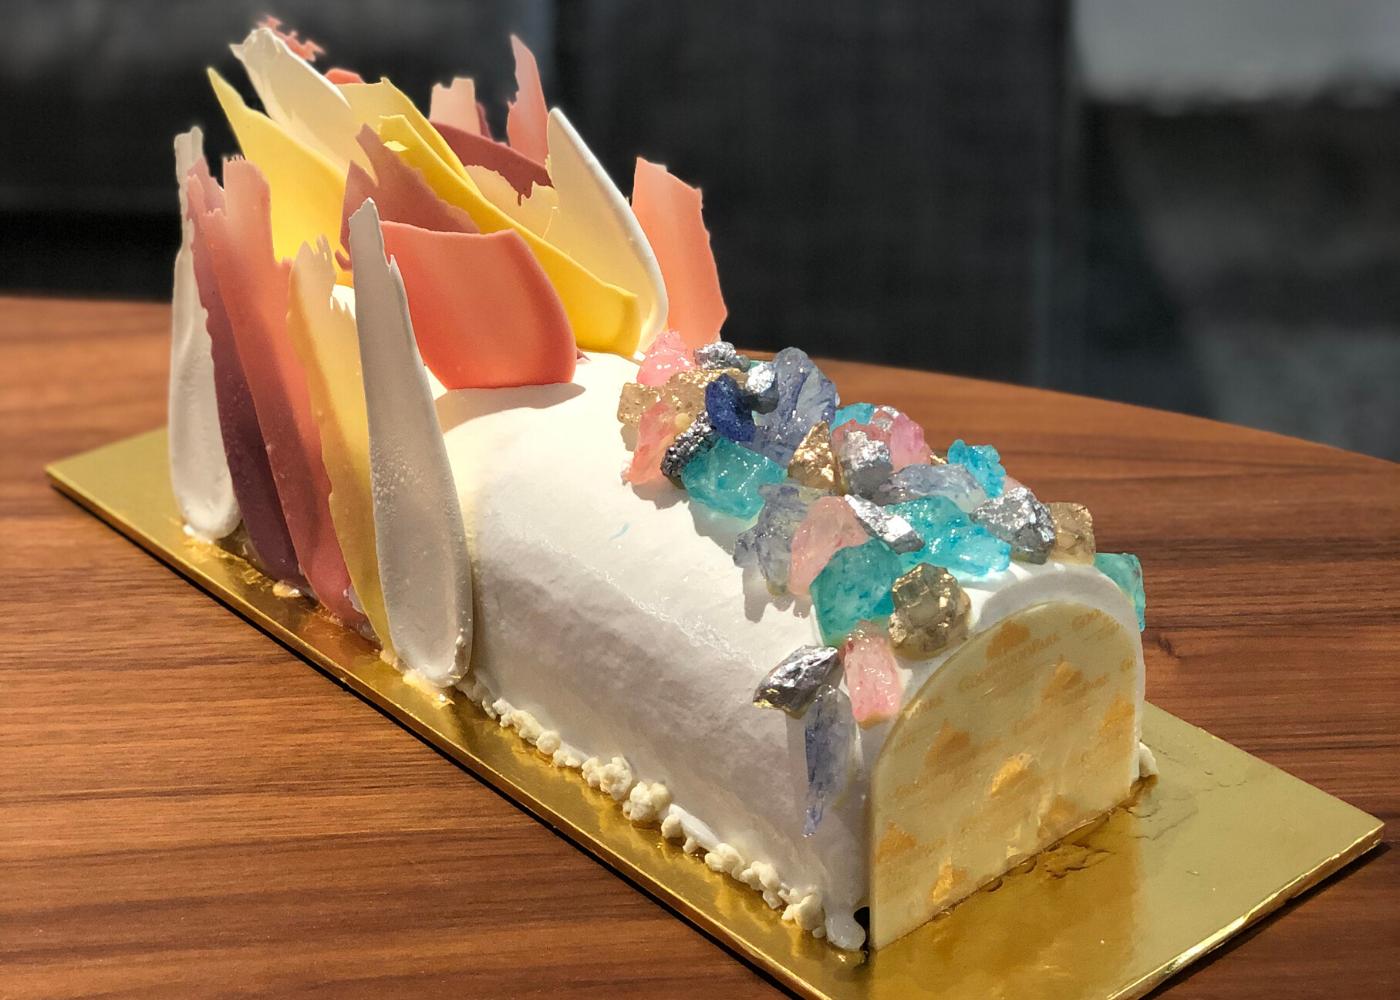 Crystal glacier Christmas cake